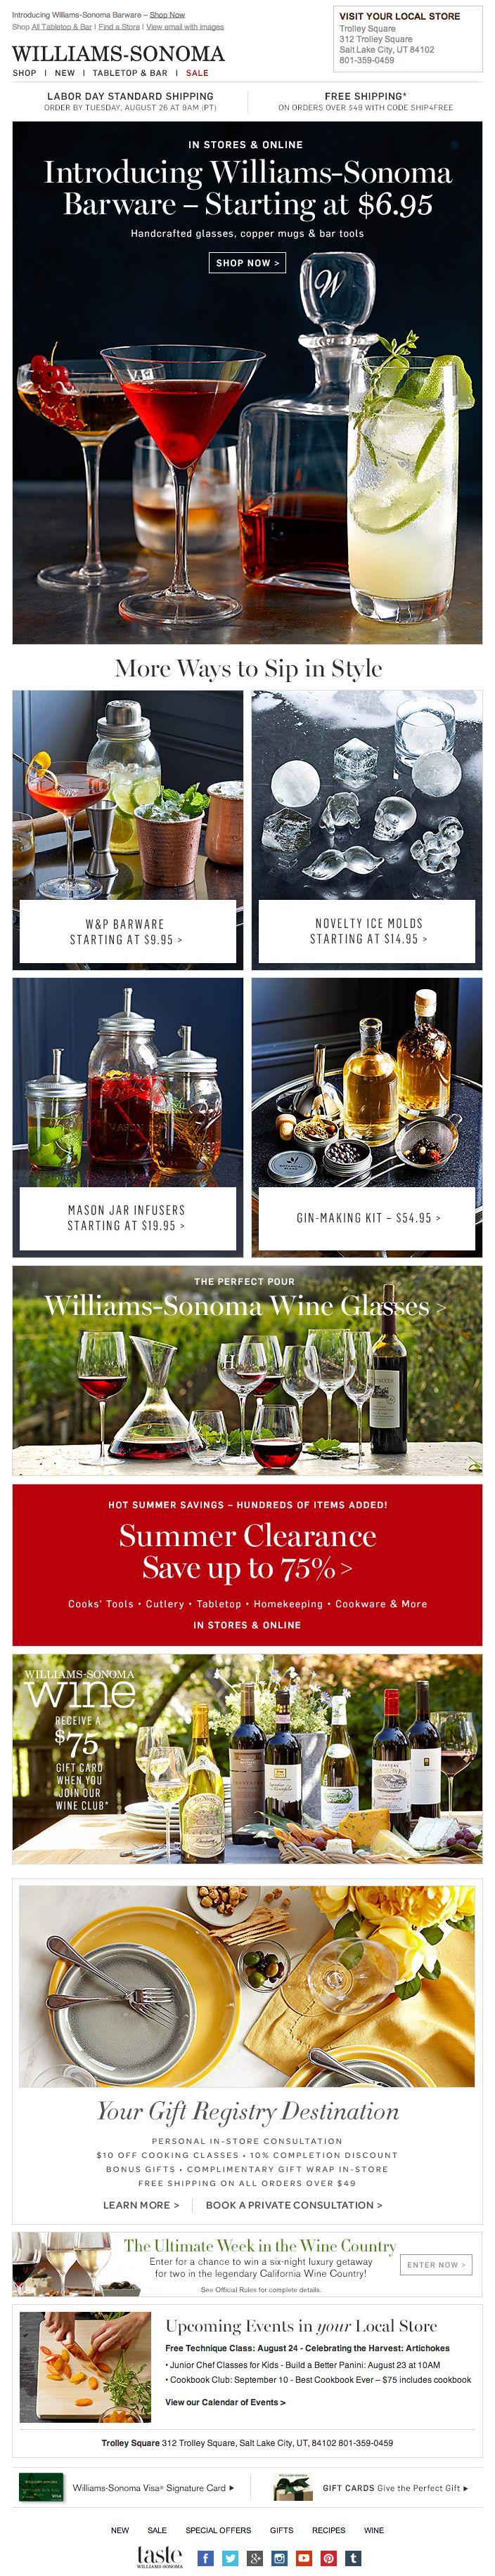 Medium Crop Of William Sonoma Registry